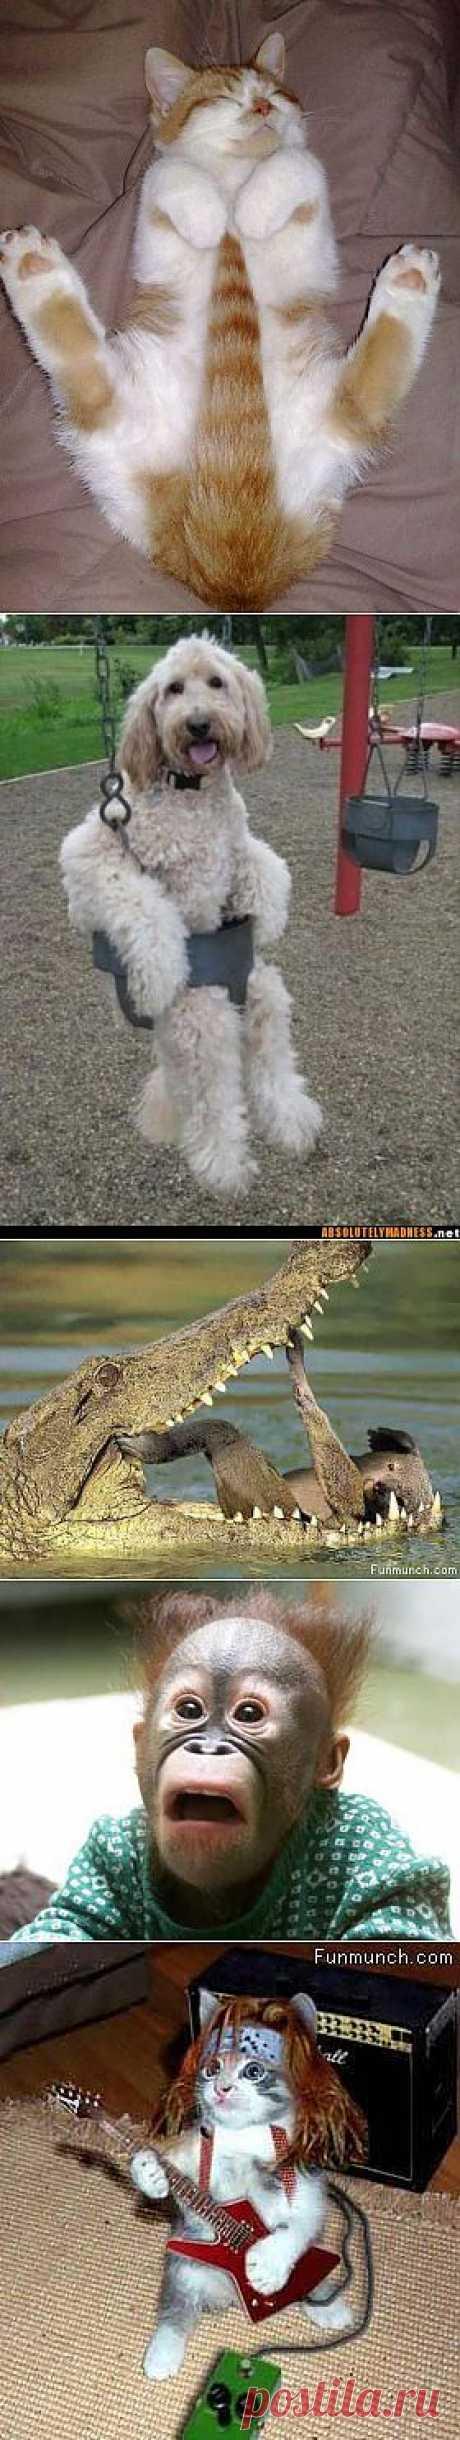 Смешные фотографии животных Page 6: смешные фото животных | Обои Plus. Самые забавные животные 2012 (Часть 1) | Фото для всего мира. Прикольные картинки животных - 55 фотографий. Веселые картинки животного.